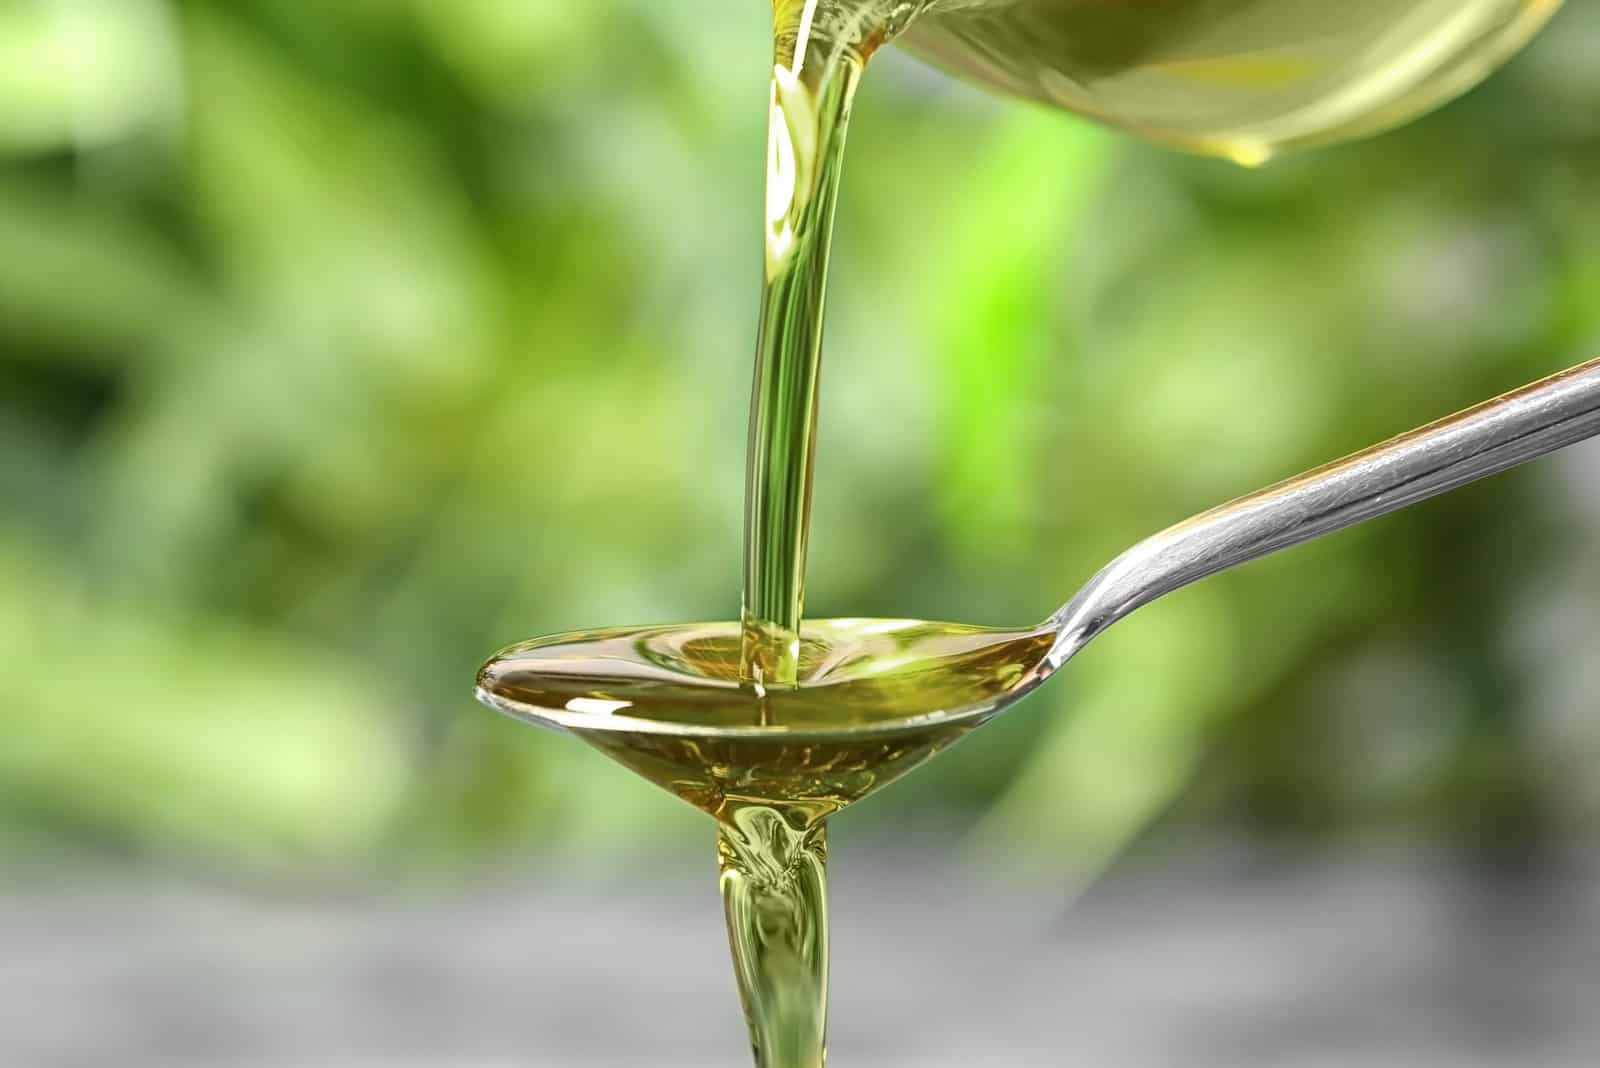 frisches Olivenöl wird mit einem Löffel gegossen